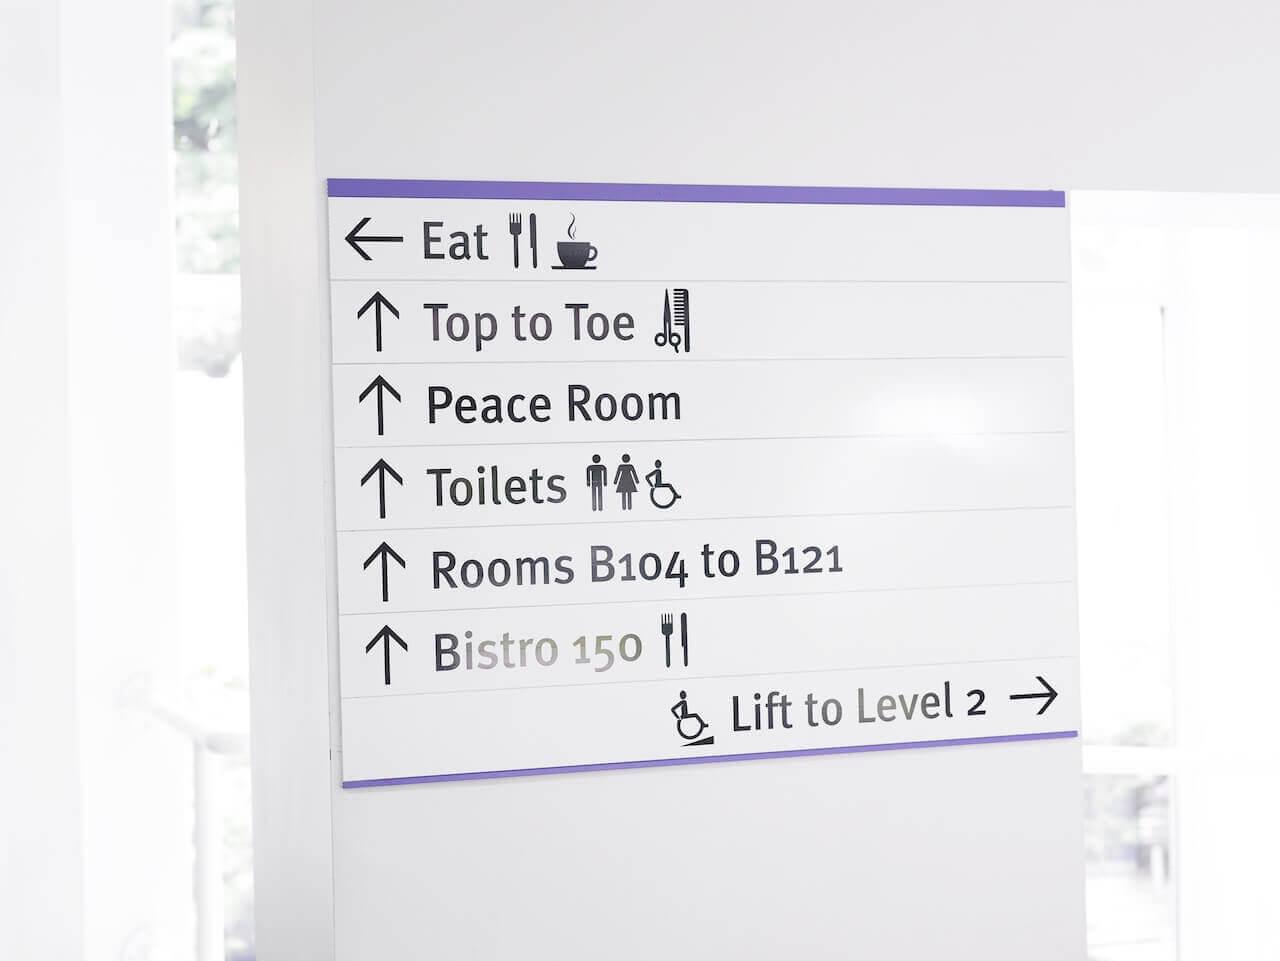 Directional wayfinding signage